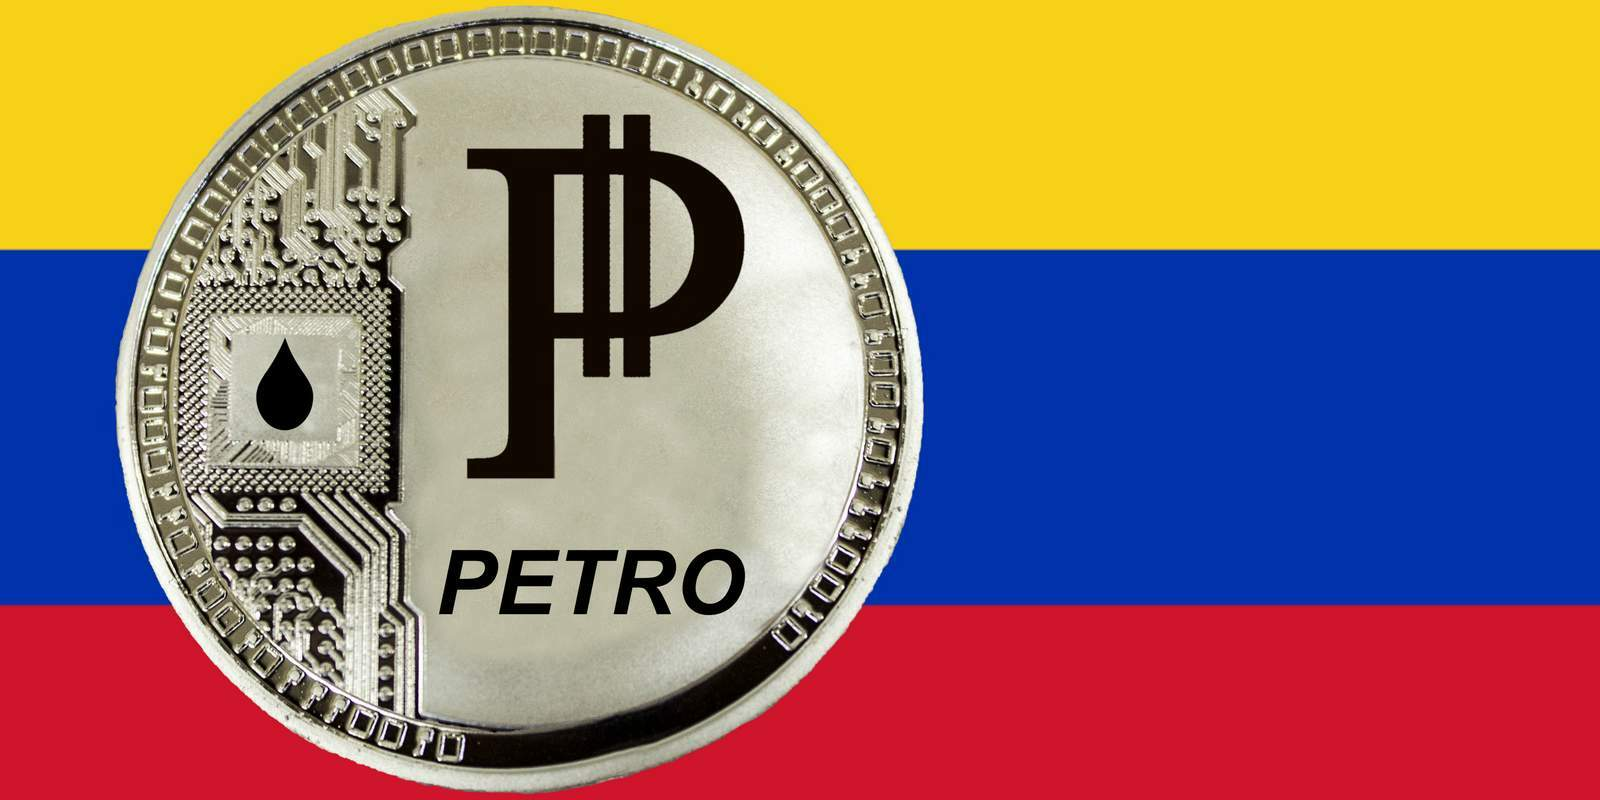 Le Venezuela acceptera le Petro pour le paiement des taxes